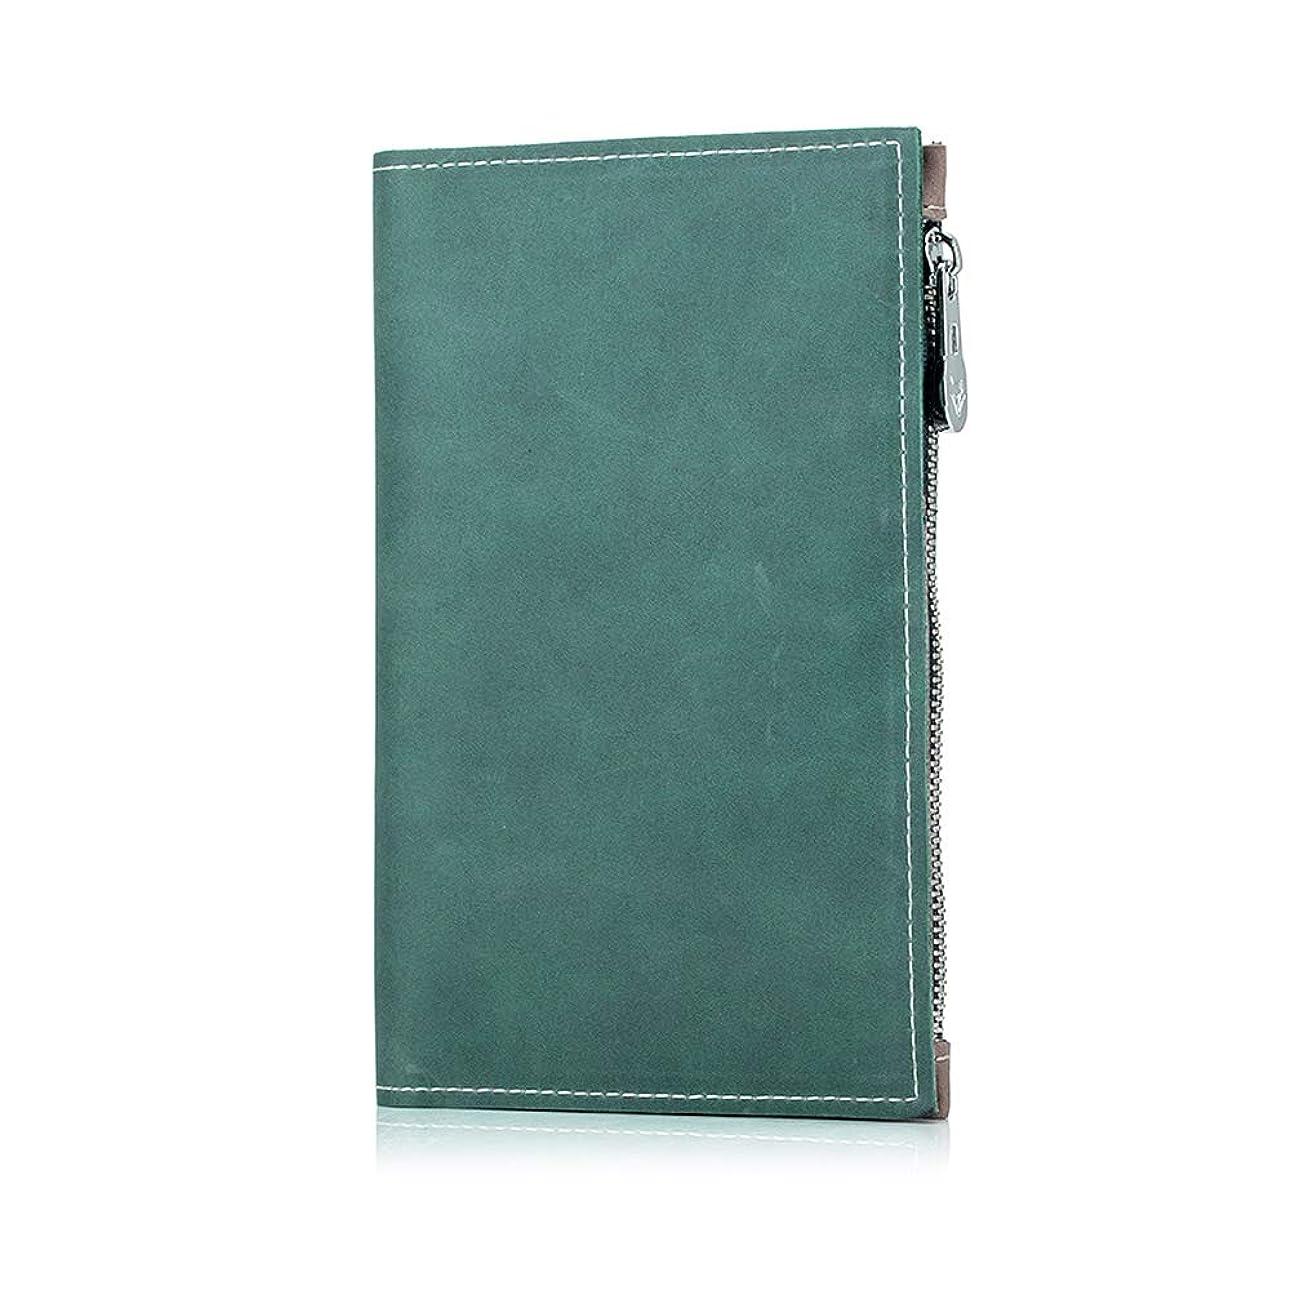 土地広告主無条件IKuaFly パスポートケース スキミング防止 皮革 多機能収納ポケット パスポートカバー クレジットカード 航空券入れ 全3色